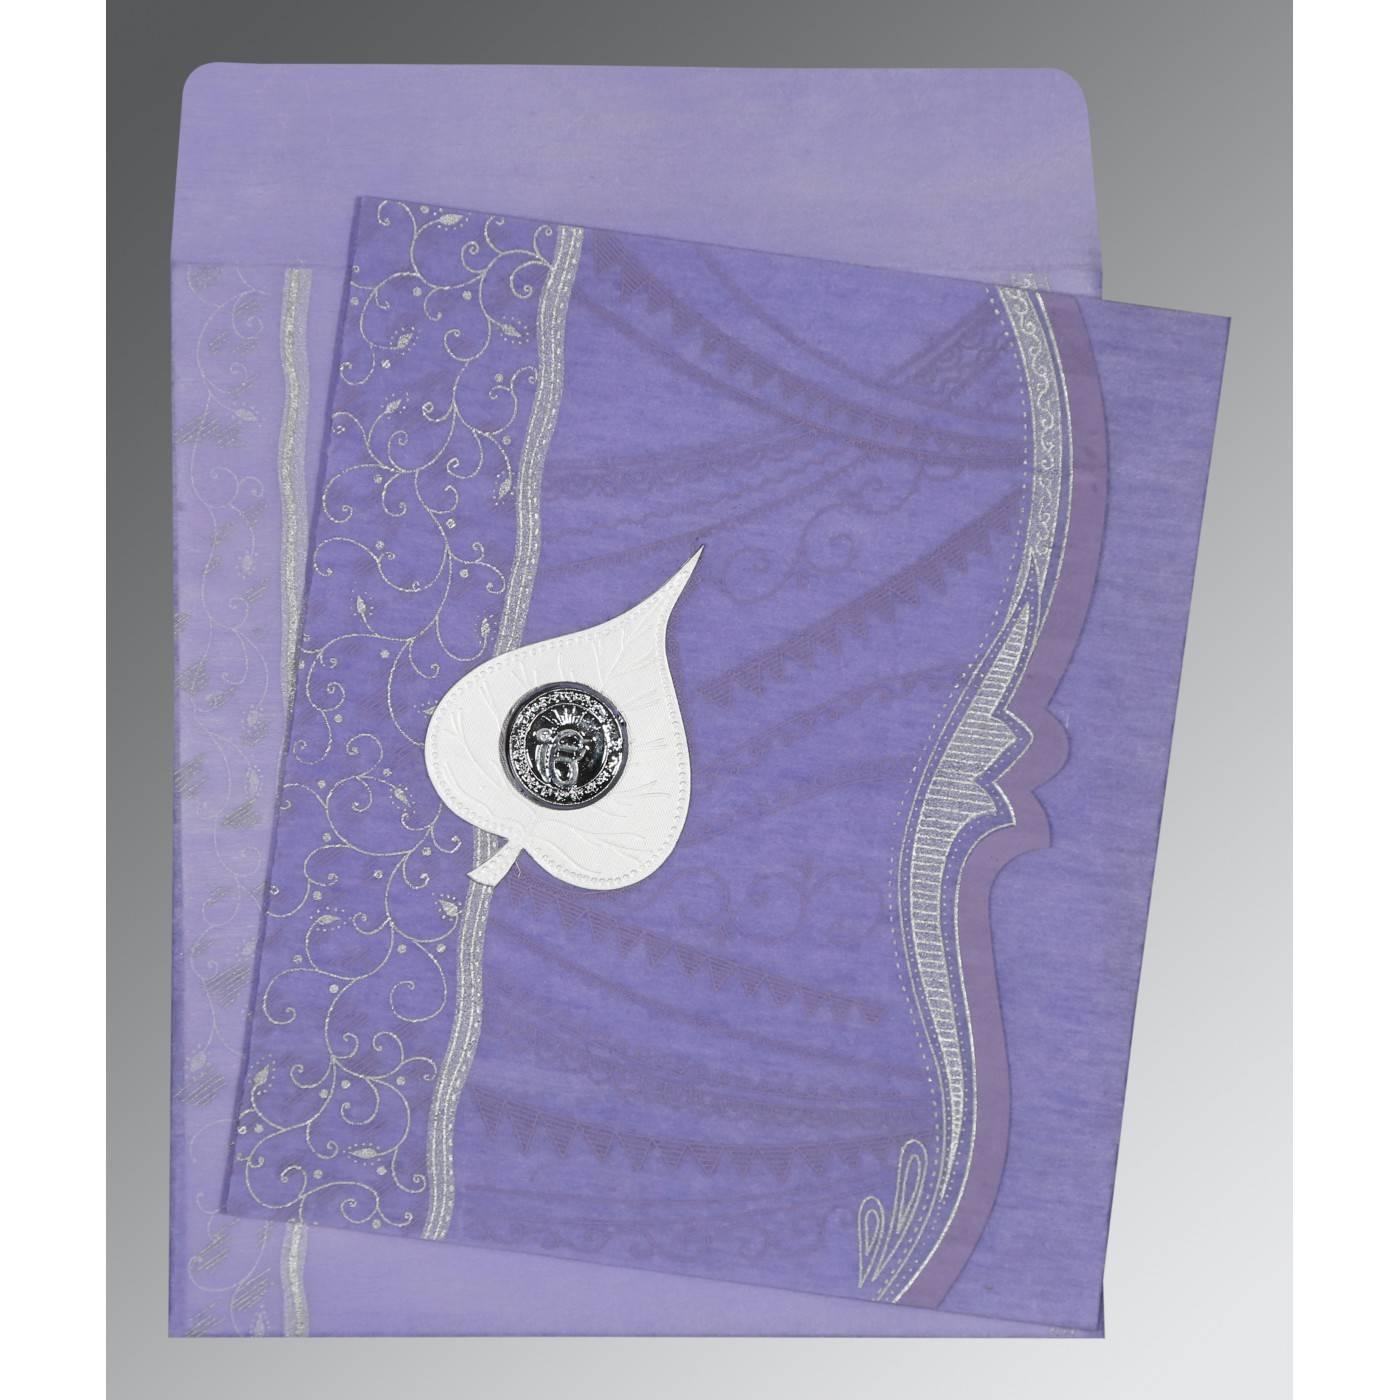 VIOLET SHIMMERY EMBOSSED WEDDING CARD : CRU-8210N - IndianWeddingCards